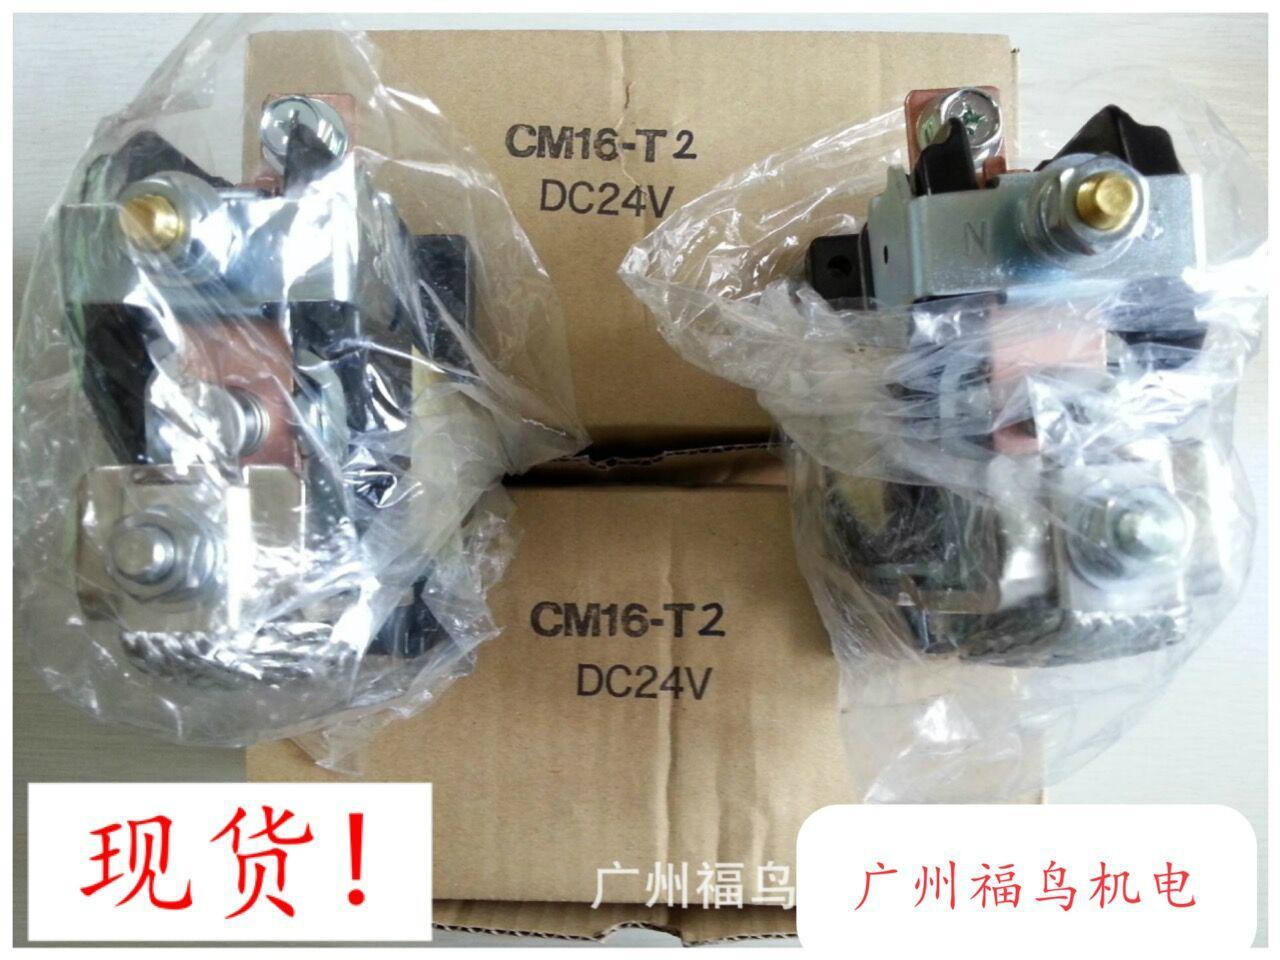 共立直流电磁接触器, 型号: CM16-T2